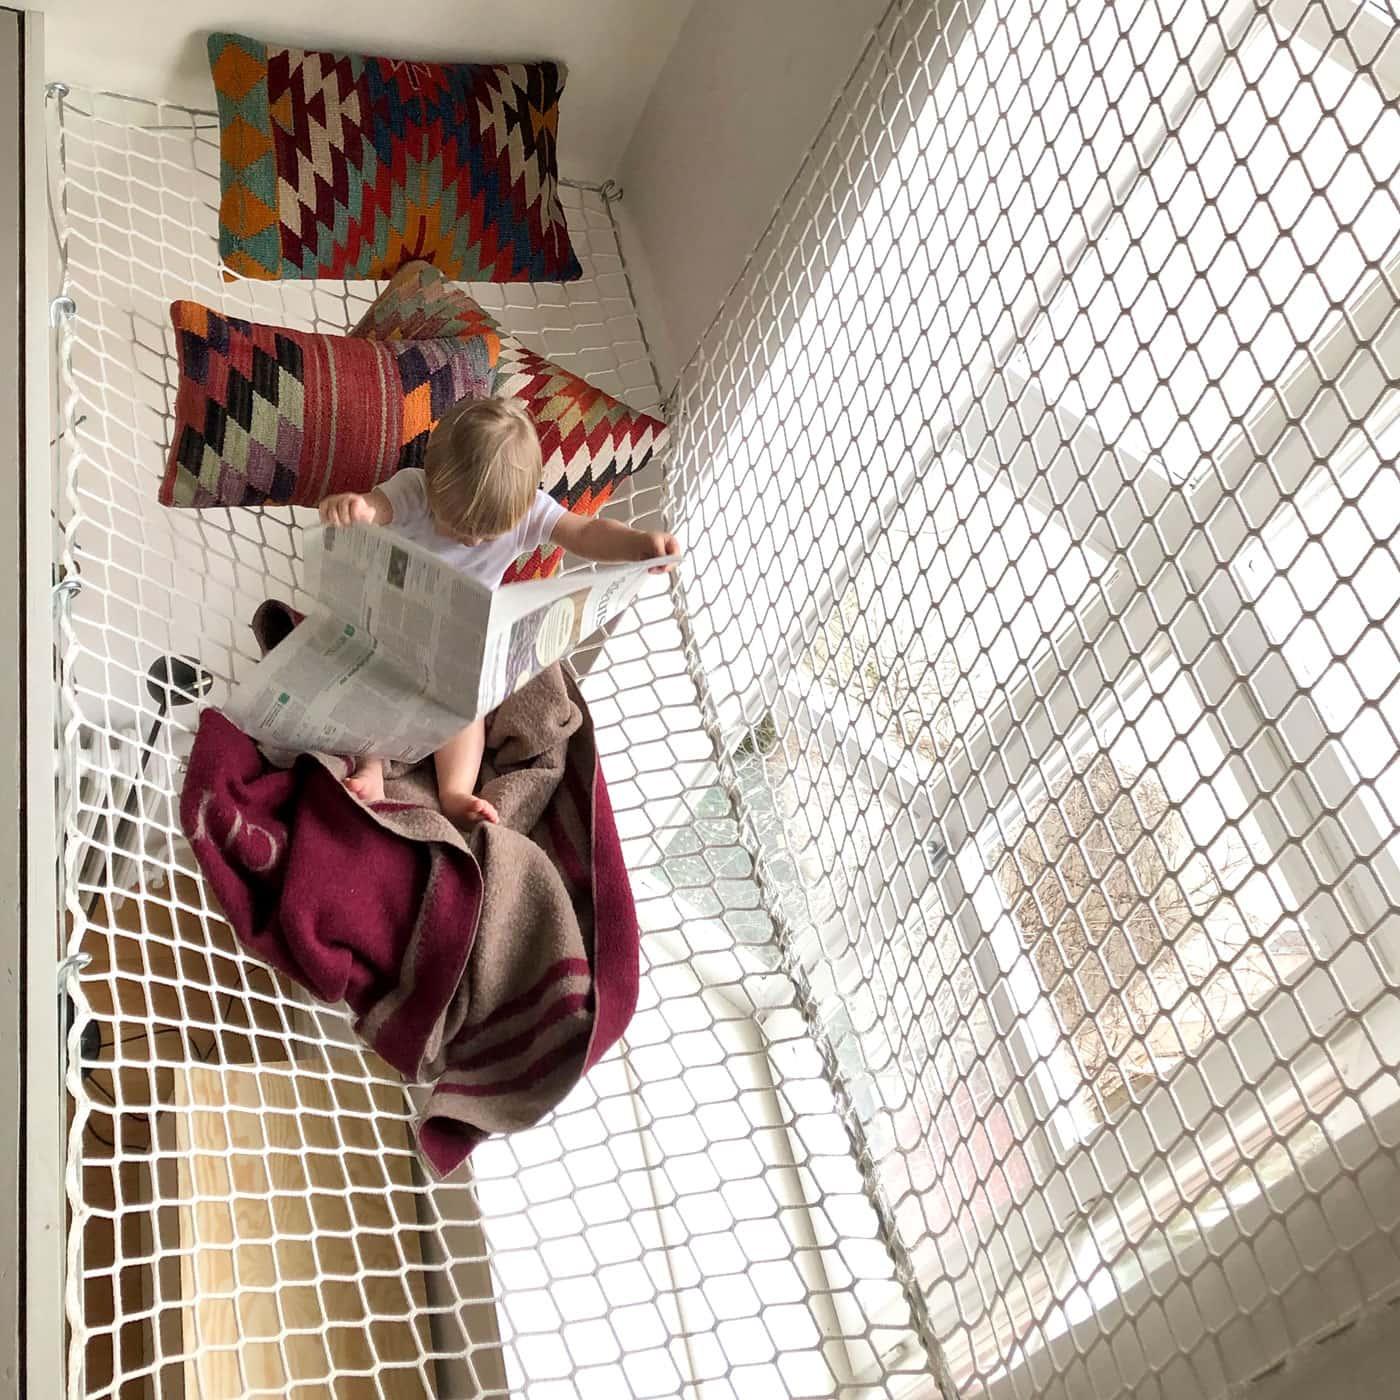 Raumkonzepter für Familien: Hochebene mit Netzen für Kinder // HIMBEER